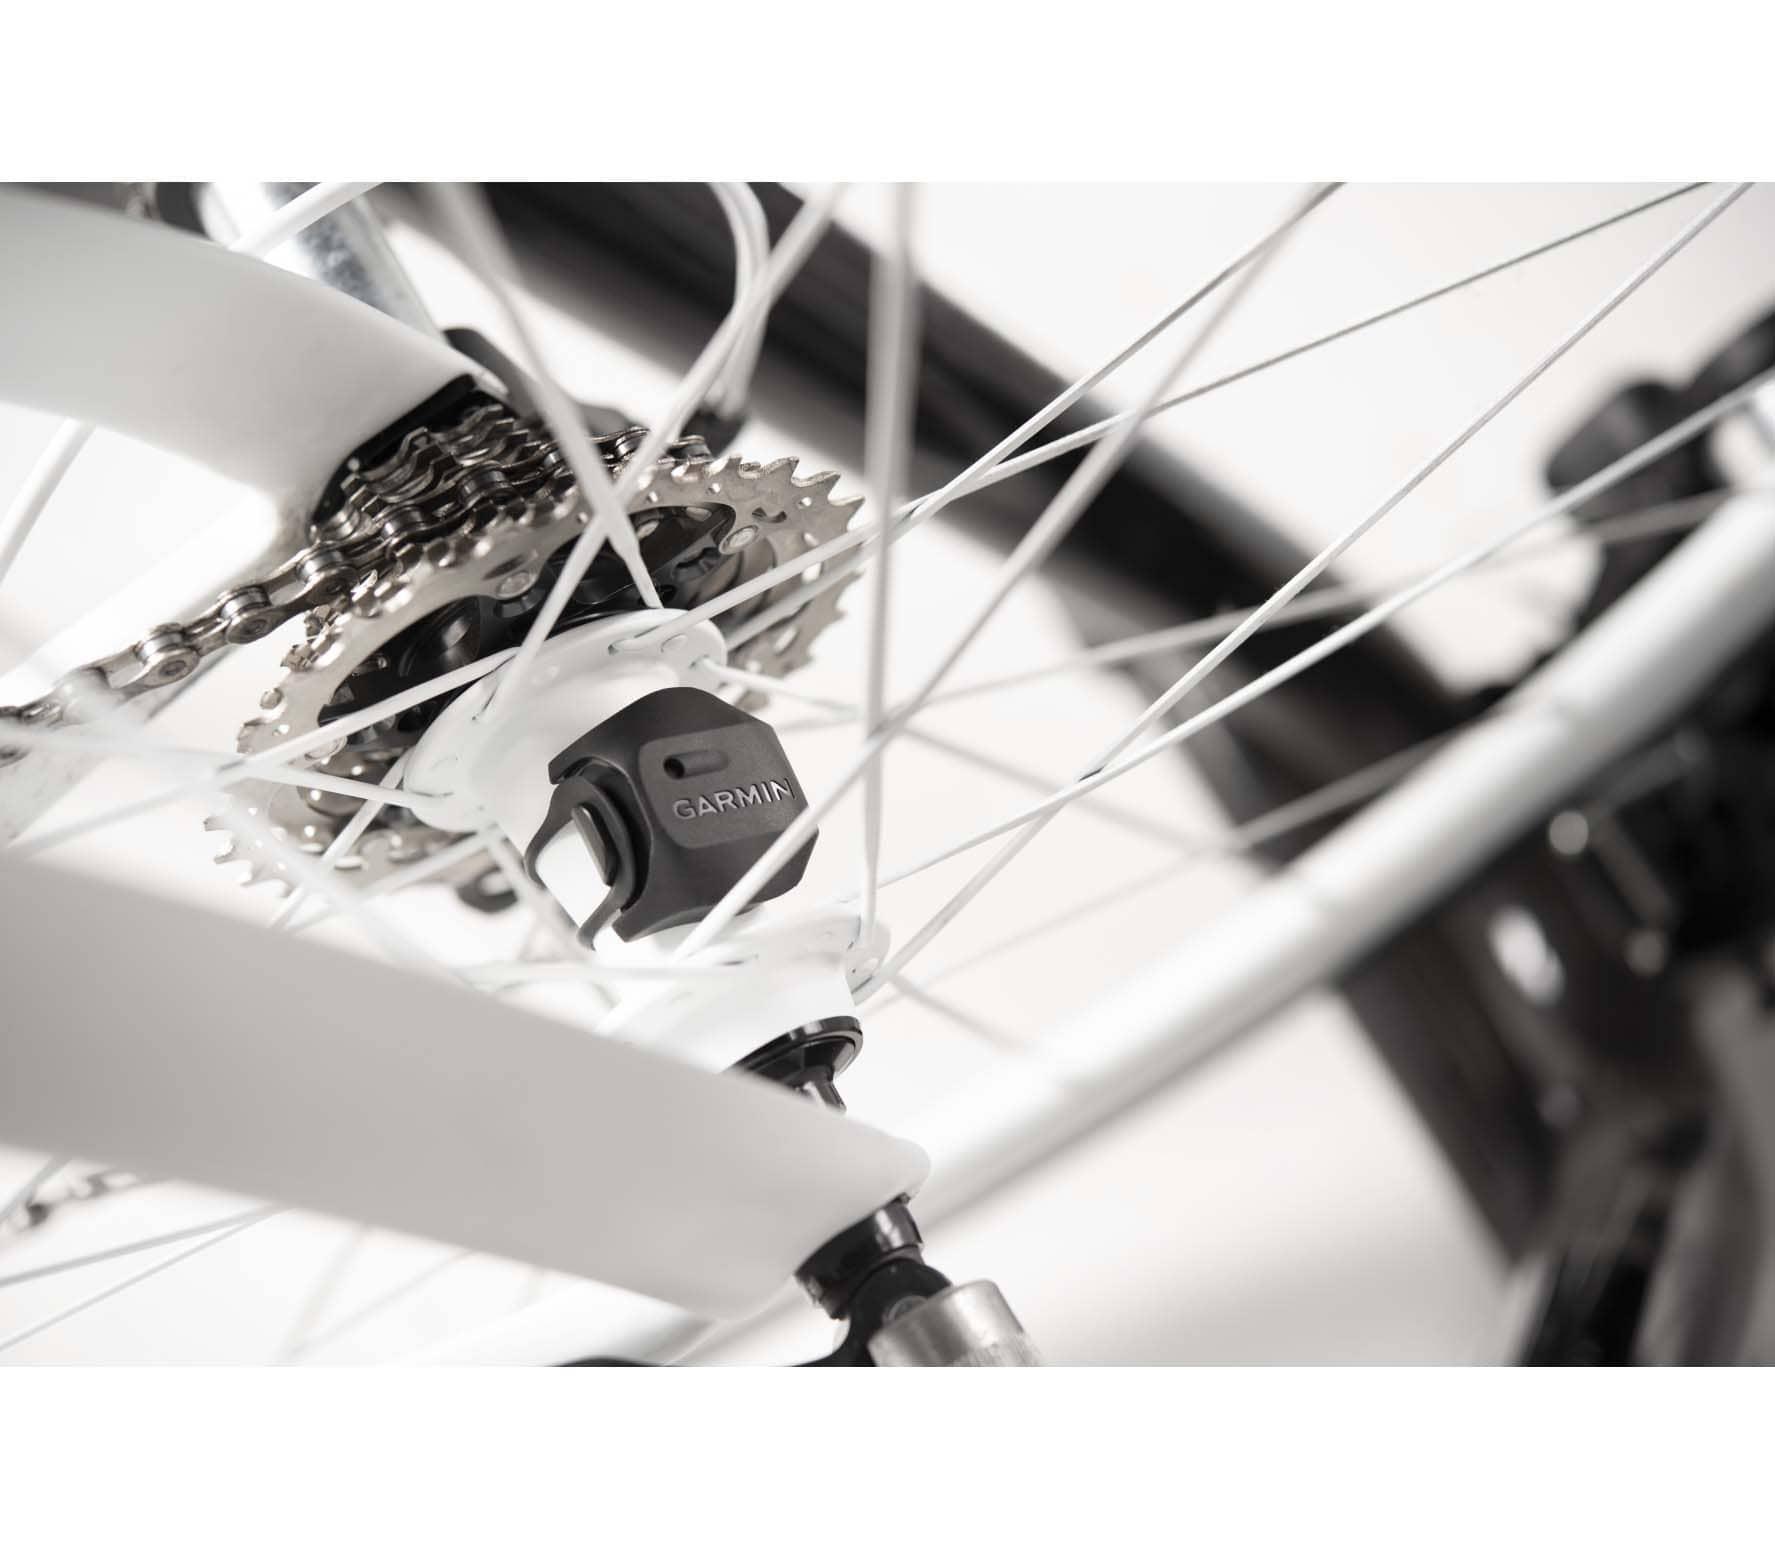 Garmin Geschwindigkeitssensor 2 Unisex Sensore per bicicletta nero